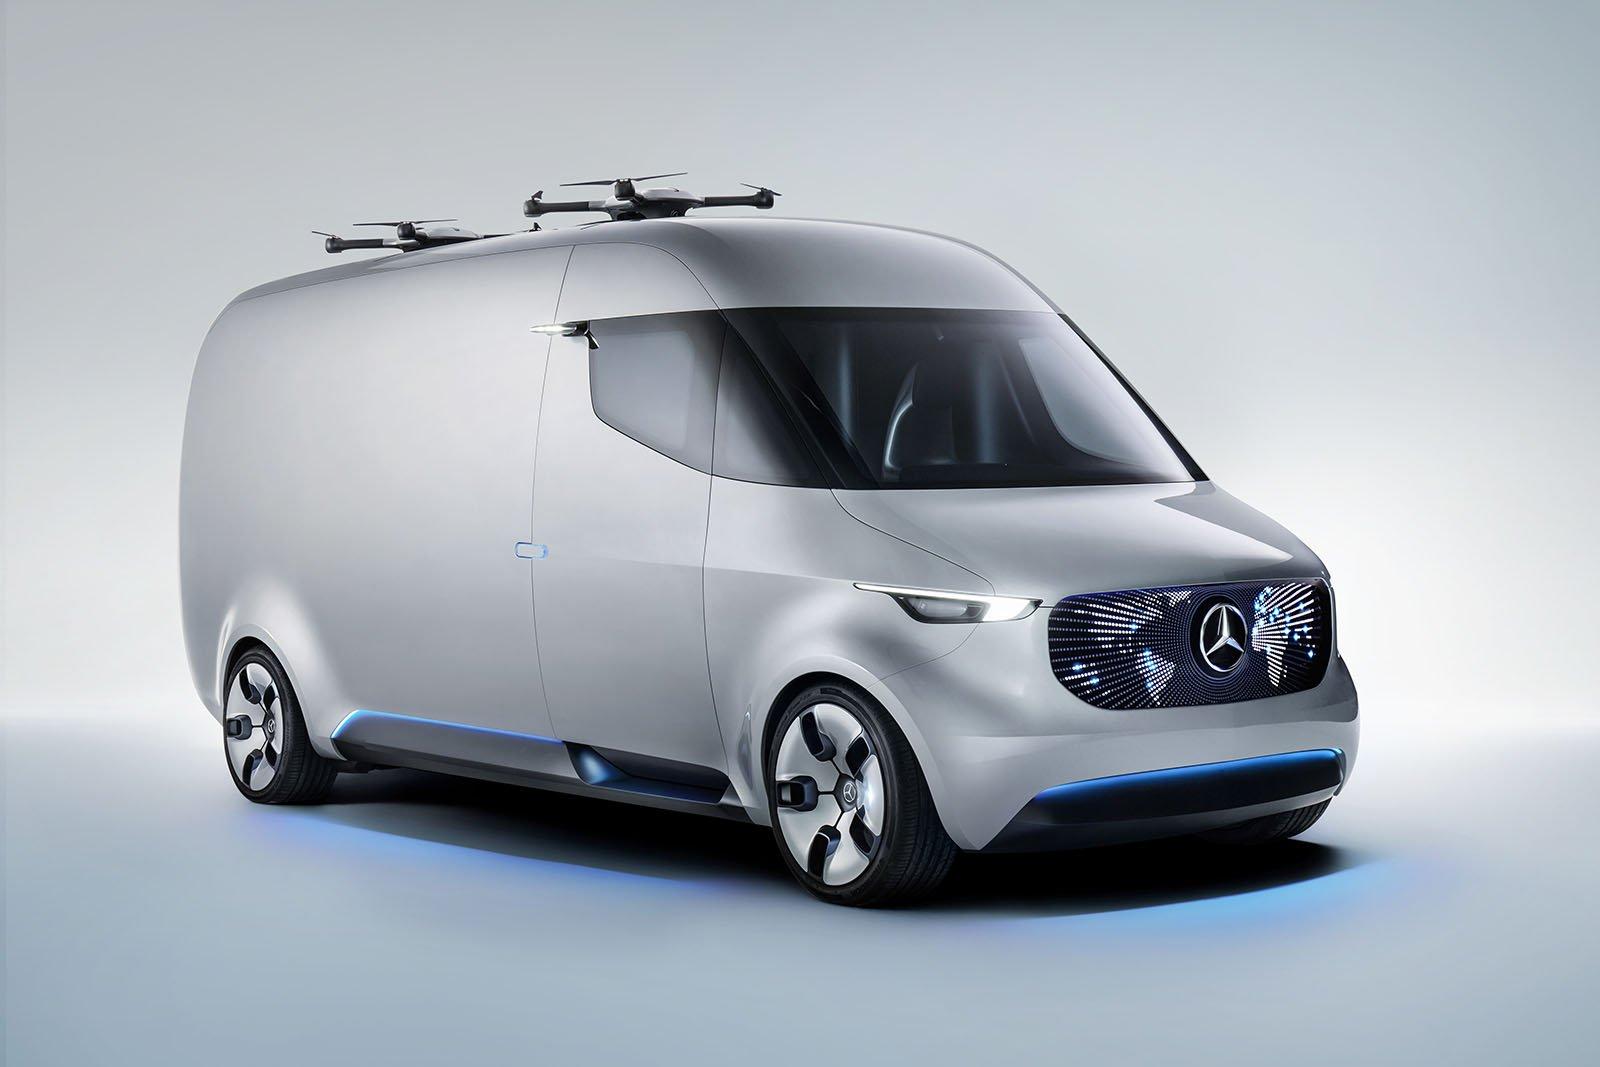 Mercedes-Benz Vision Van en kombination av futuristisk design och fantastisk funktionalitet.